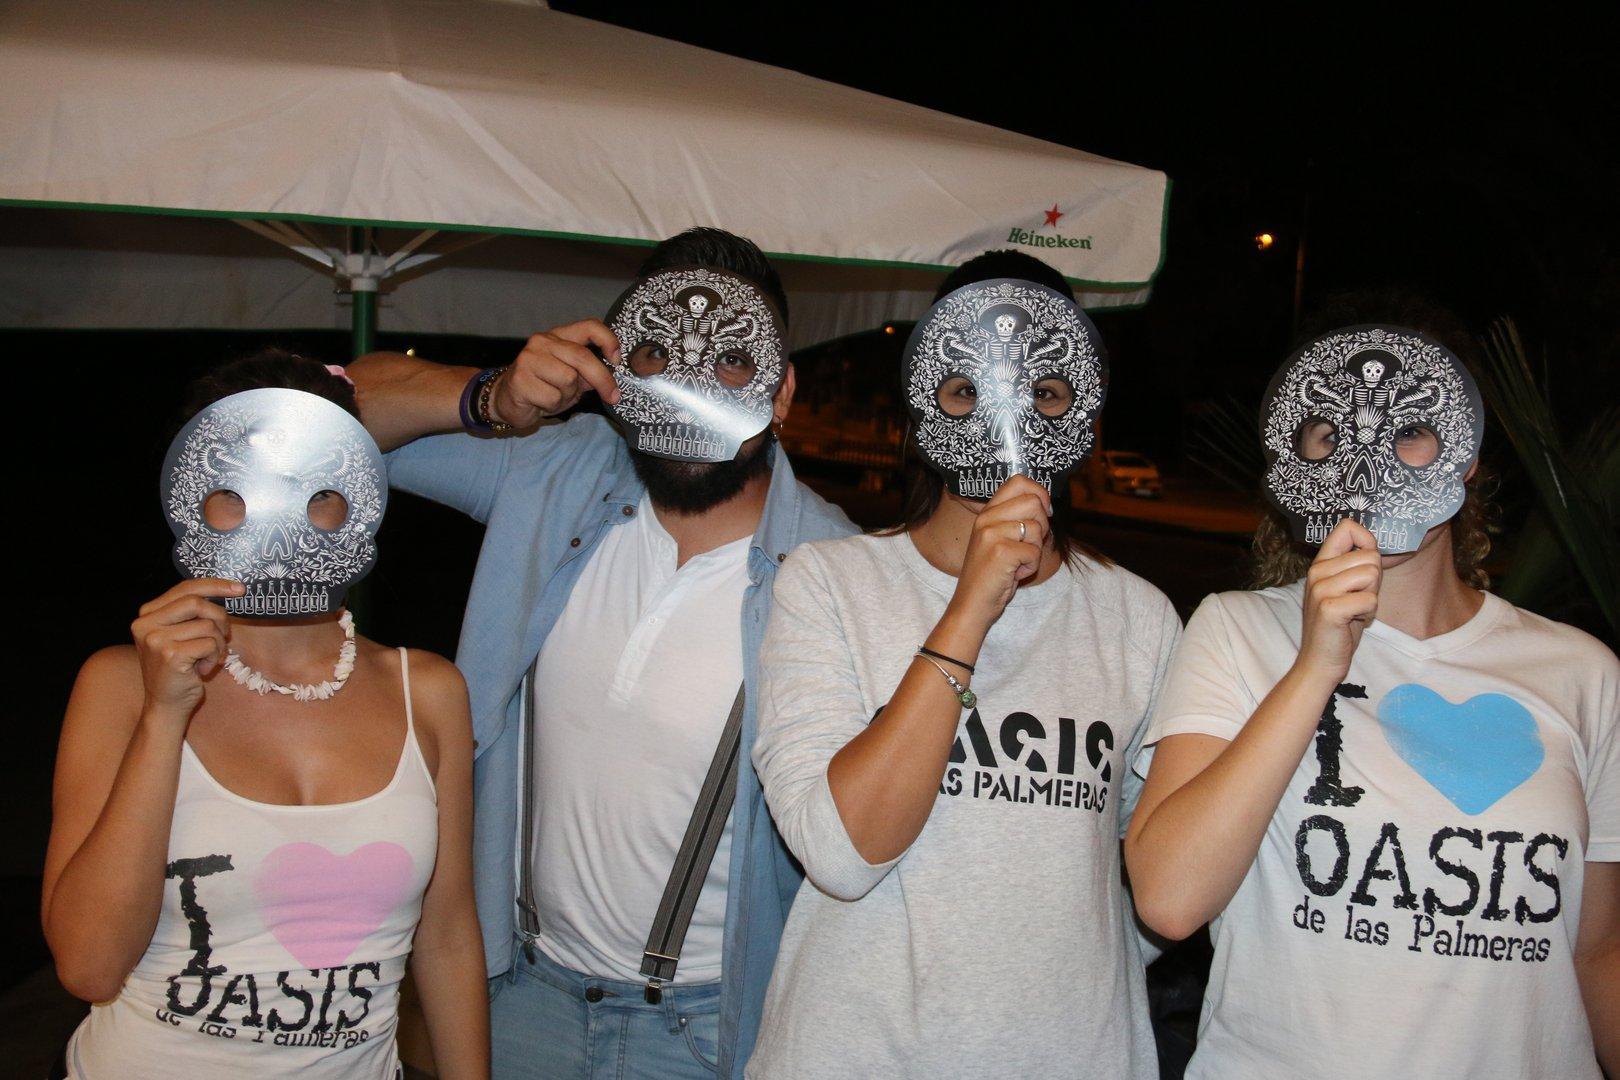 Oasis Las Palmeras Bolnuevo Inauguración Chill Out 2017